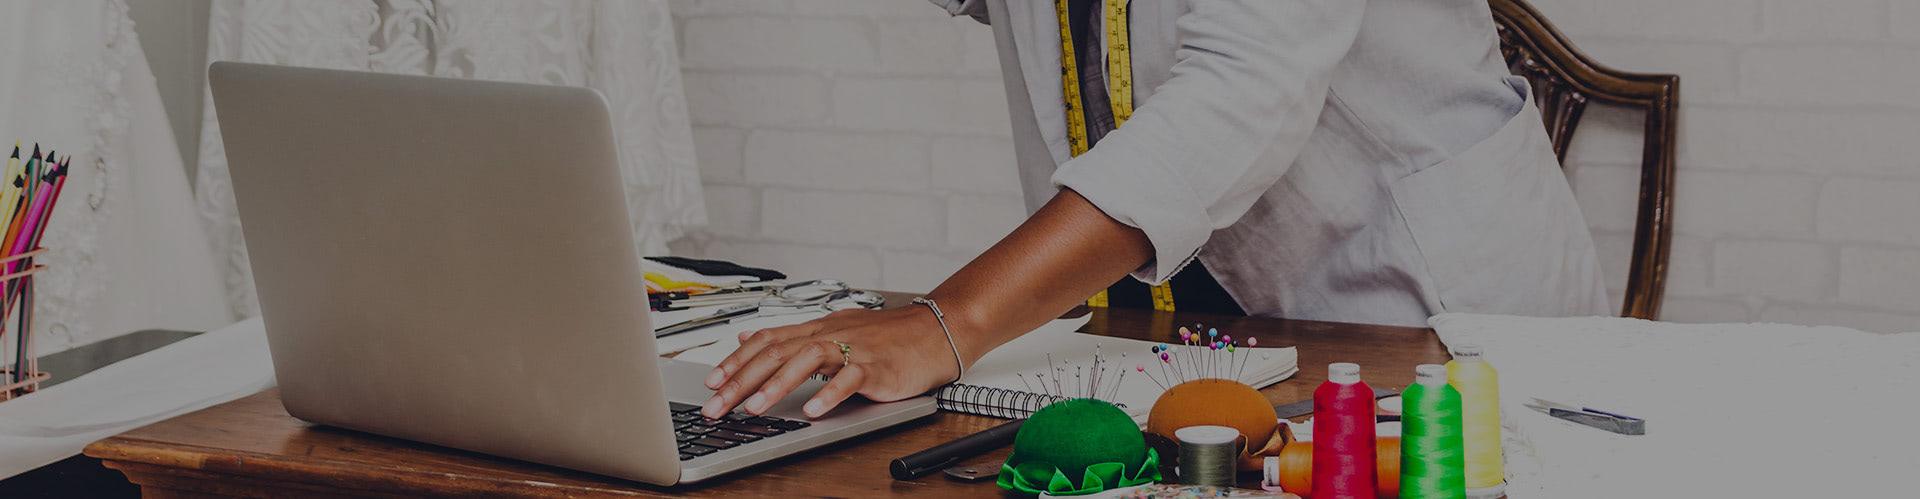 5 ключевых навыков модного дизайнера будущего